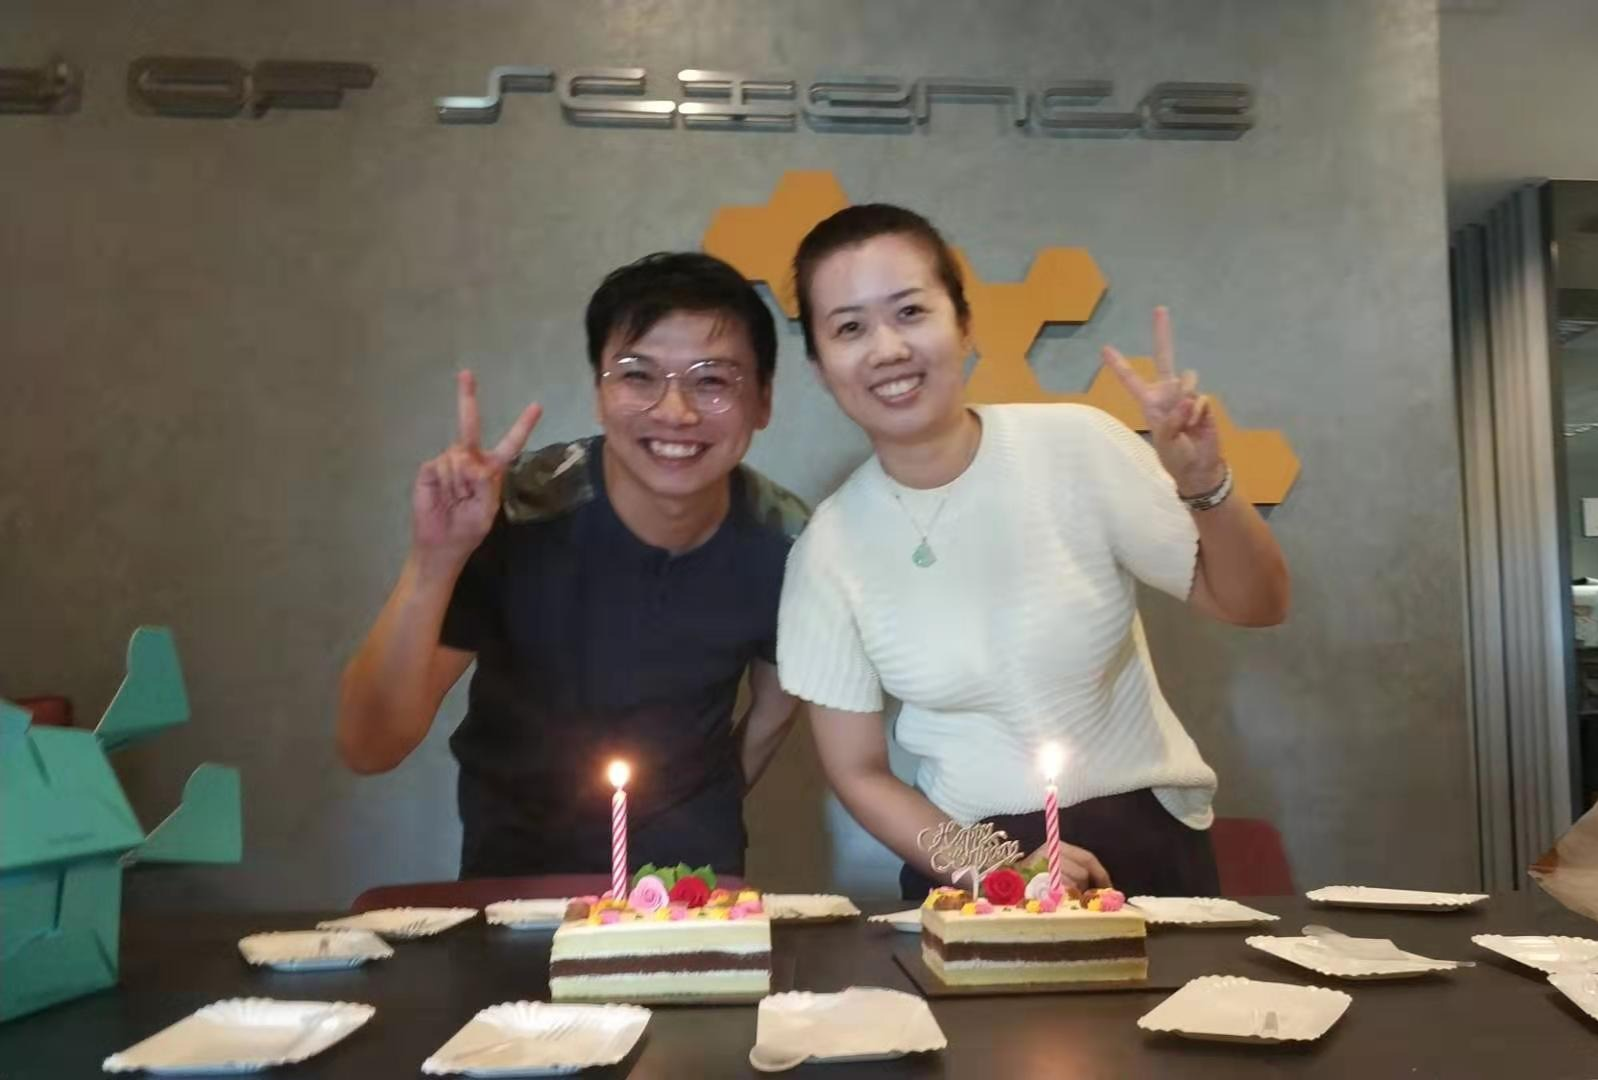 HBD for Ren Wei and Xuanzi